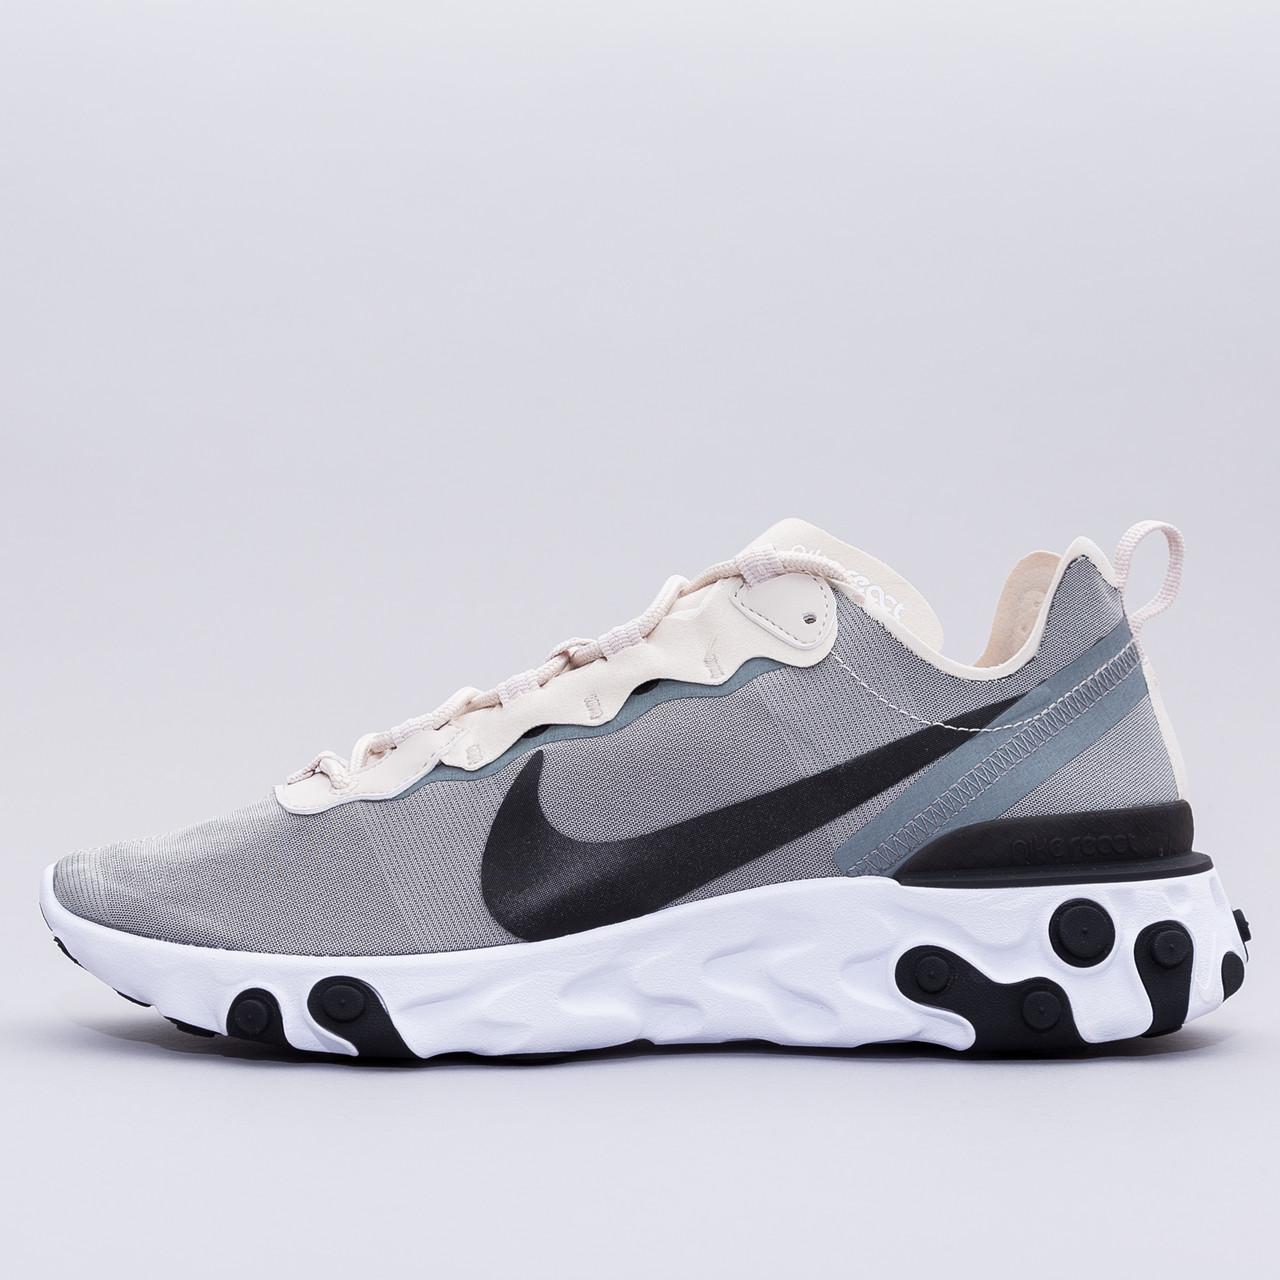 3cd06c5a Мужские кроссовки Nike React Element 55 BQ6166-100 - Parallel-Brandshop.  Оригинальная обувь